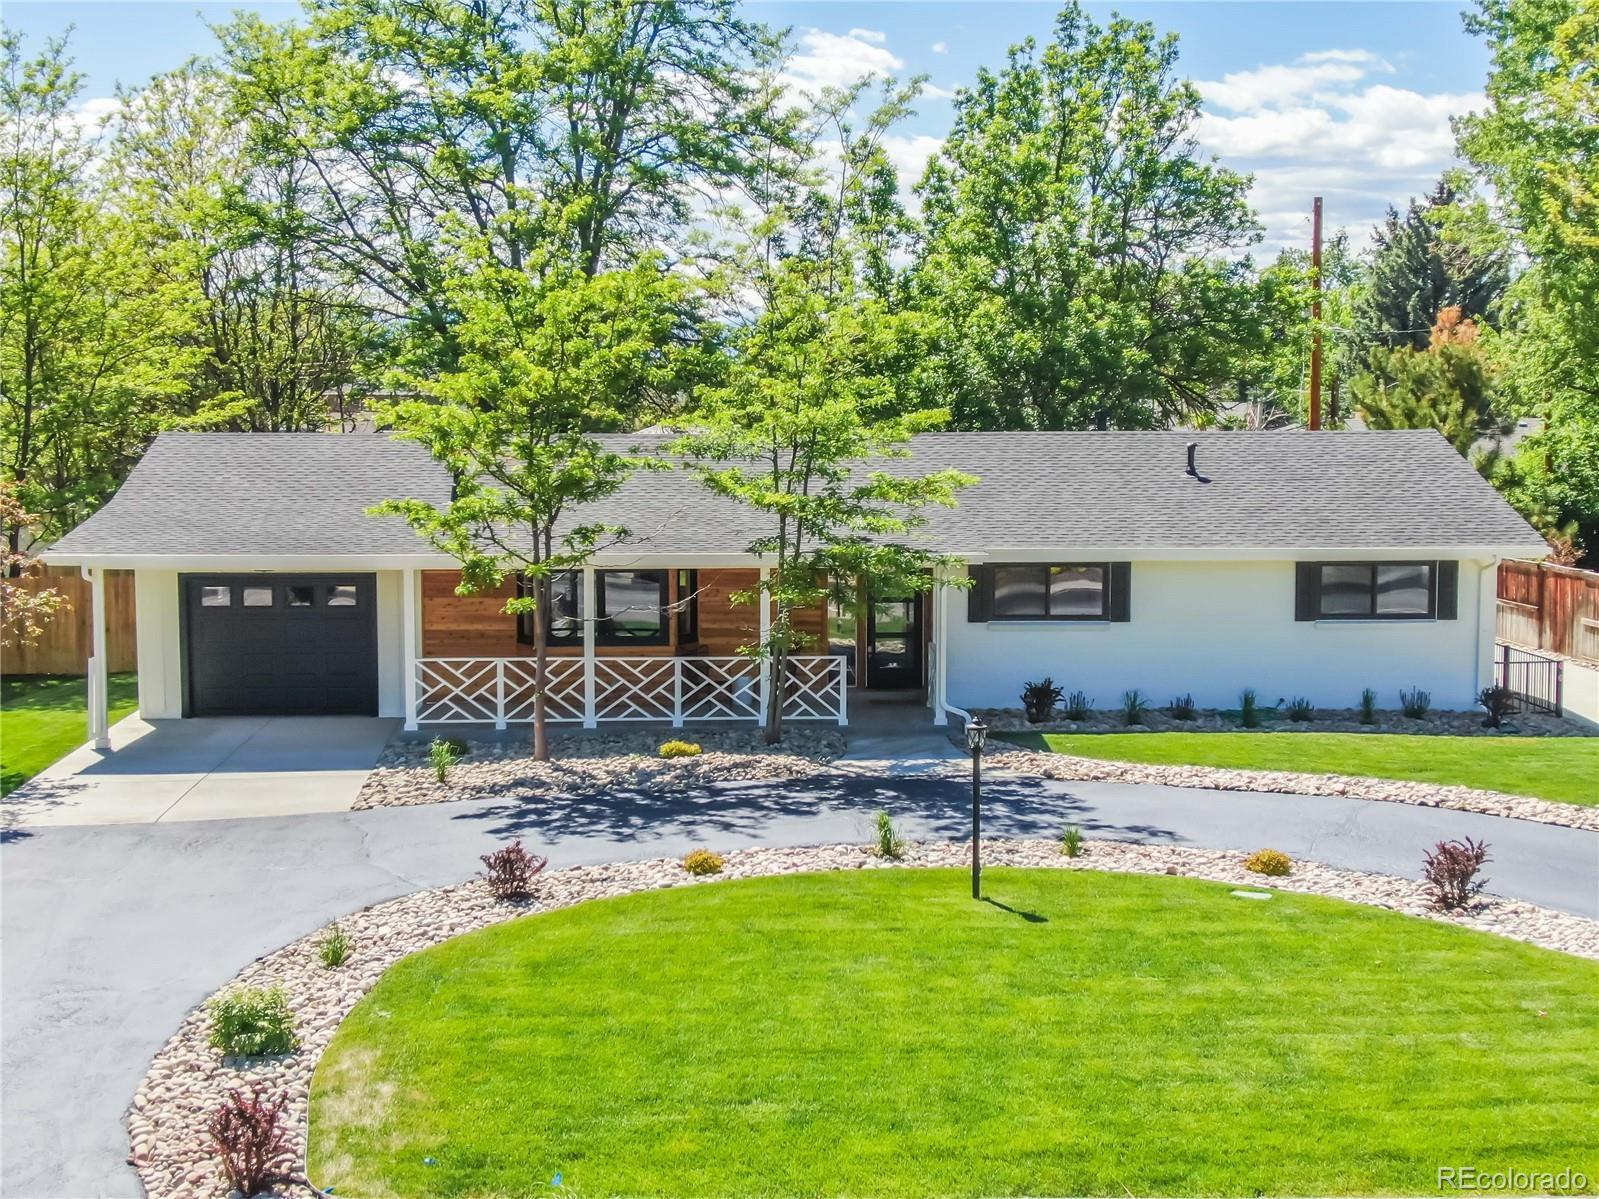 6051 S Clarkson Street, Centennial, CO 80121 - Centennial, CO real estate listing